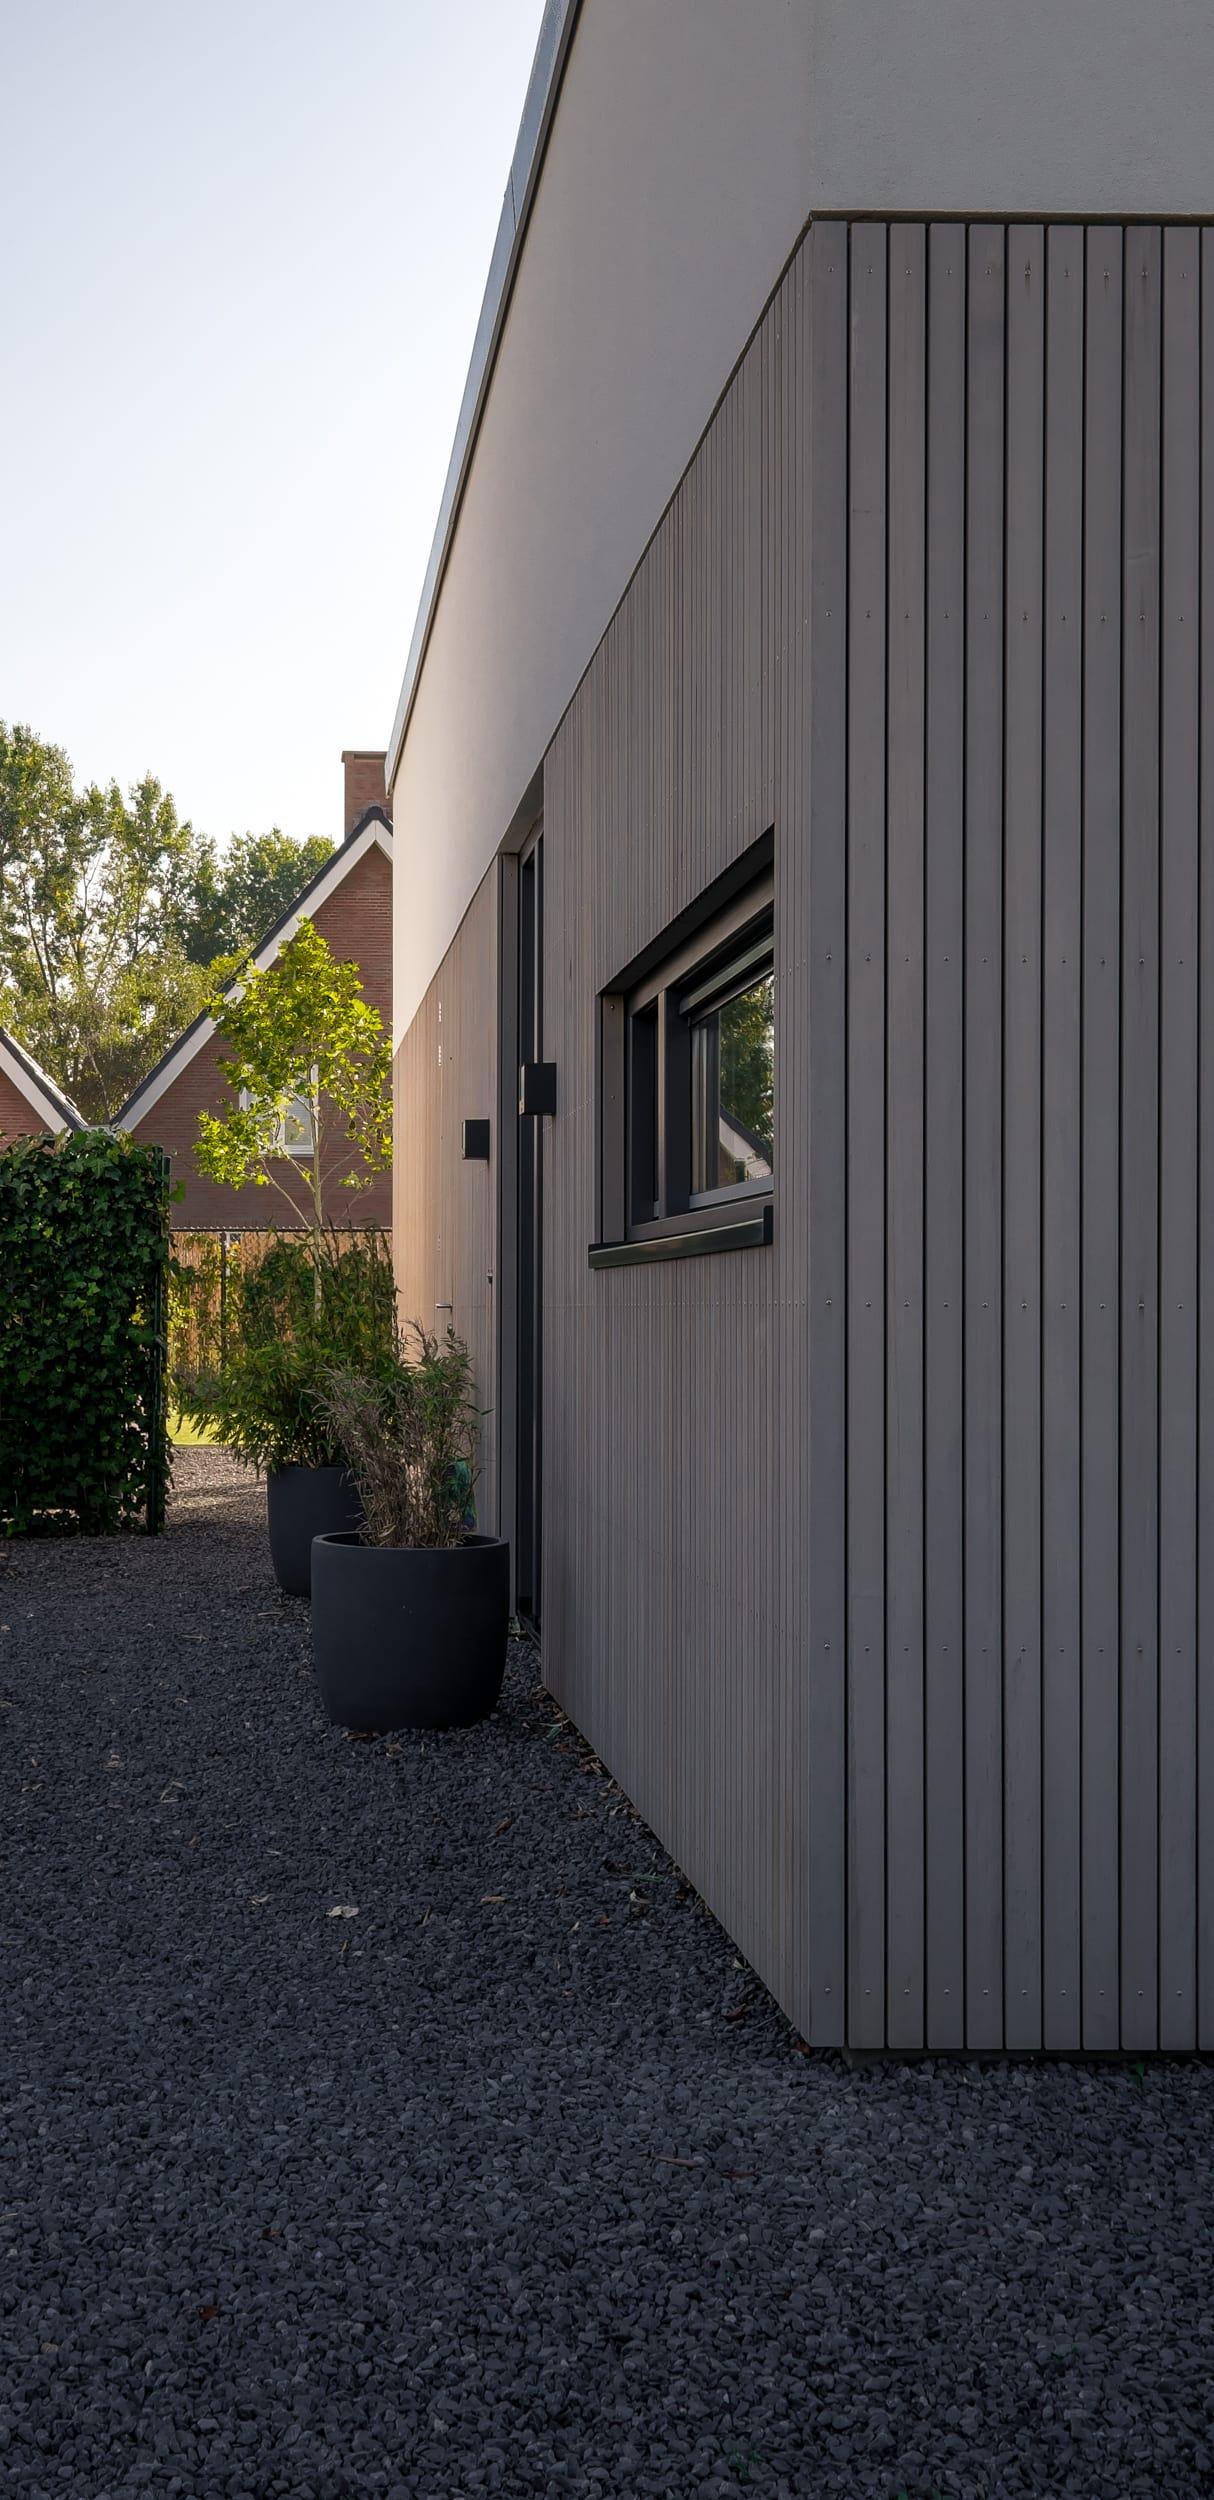 van-os-architecten-nieuwbouw-woning-Hoge-Gouw-Teteringen-detail-aansluiting-gevelstucwerk-op-houten-western-red-cedar-gevelbekleding